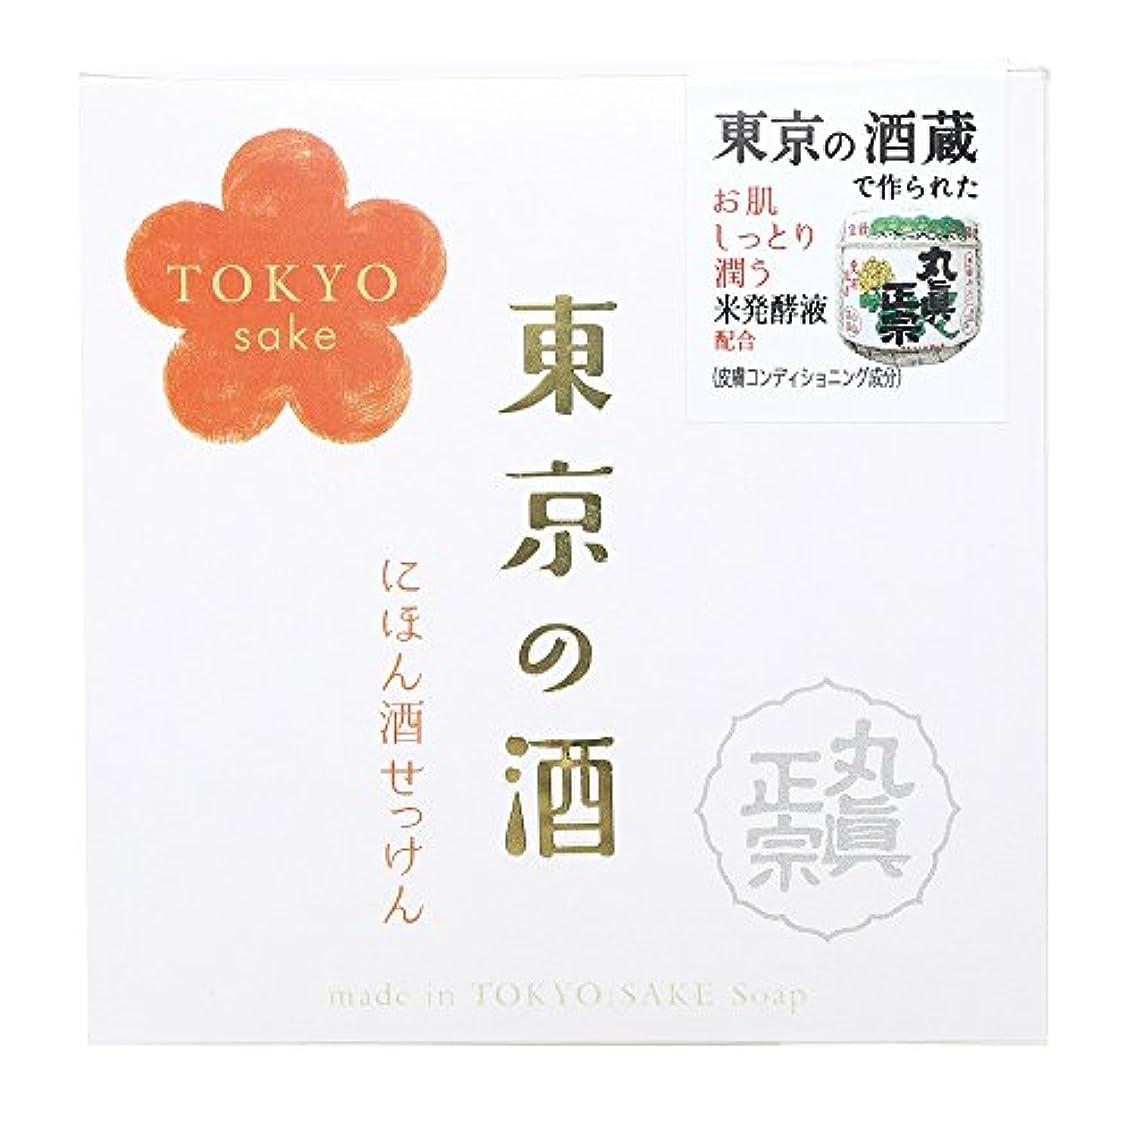 ニュース原始的な革新ノルコーポレーション 東京の酒 石けん OB-TKY-1-1 100g